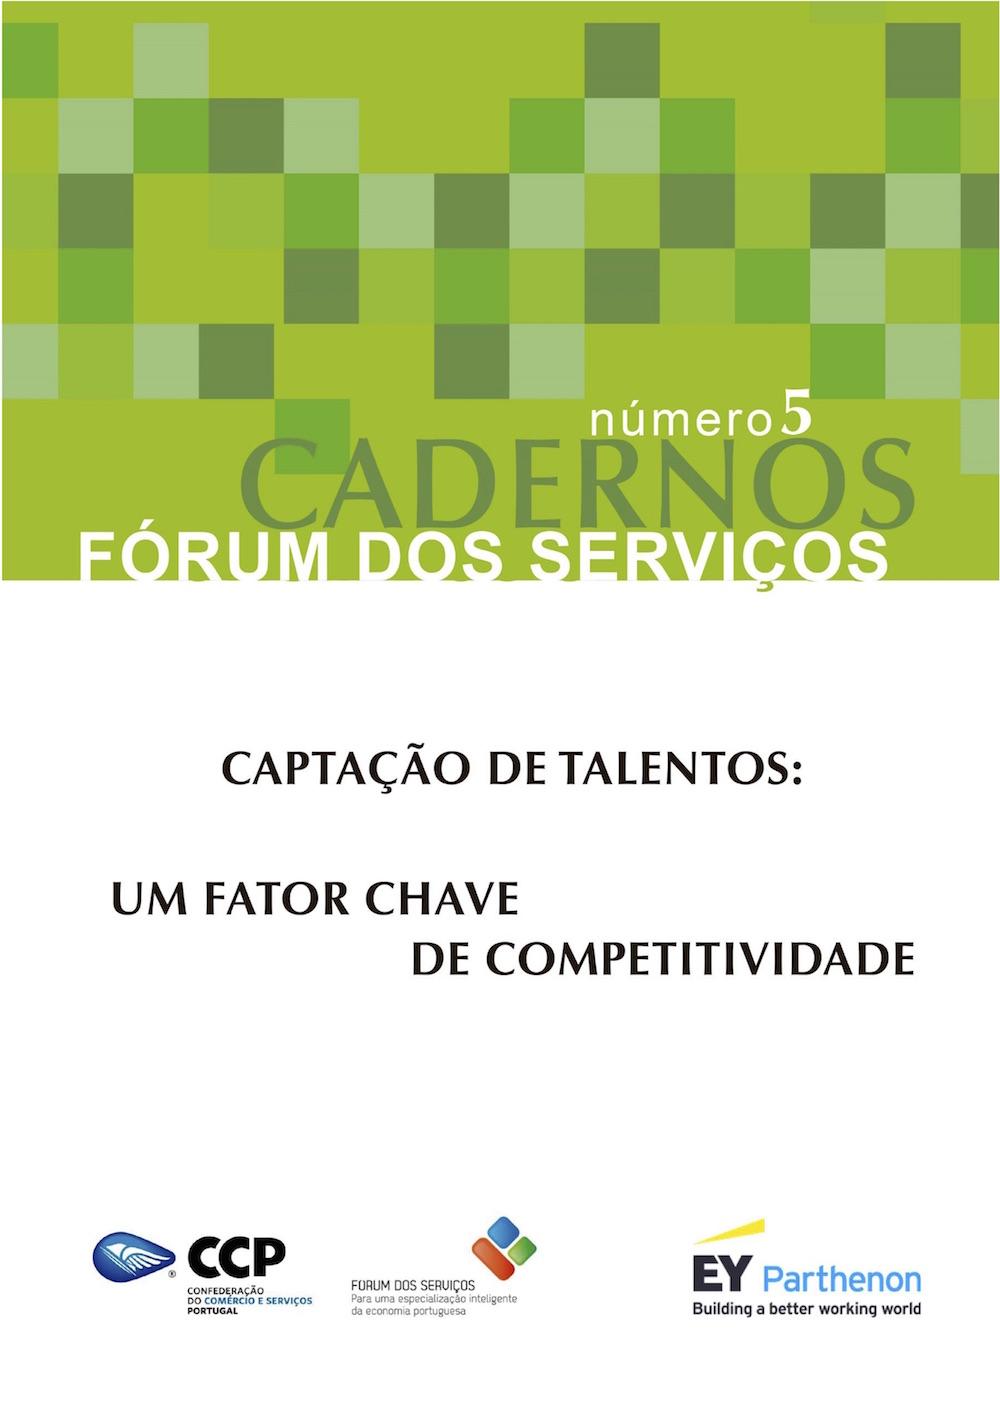 Captação de Talentos - Um fator chave de competitividade